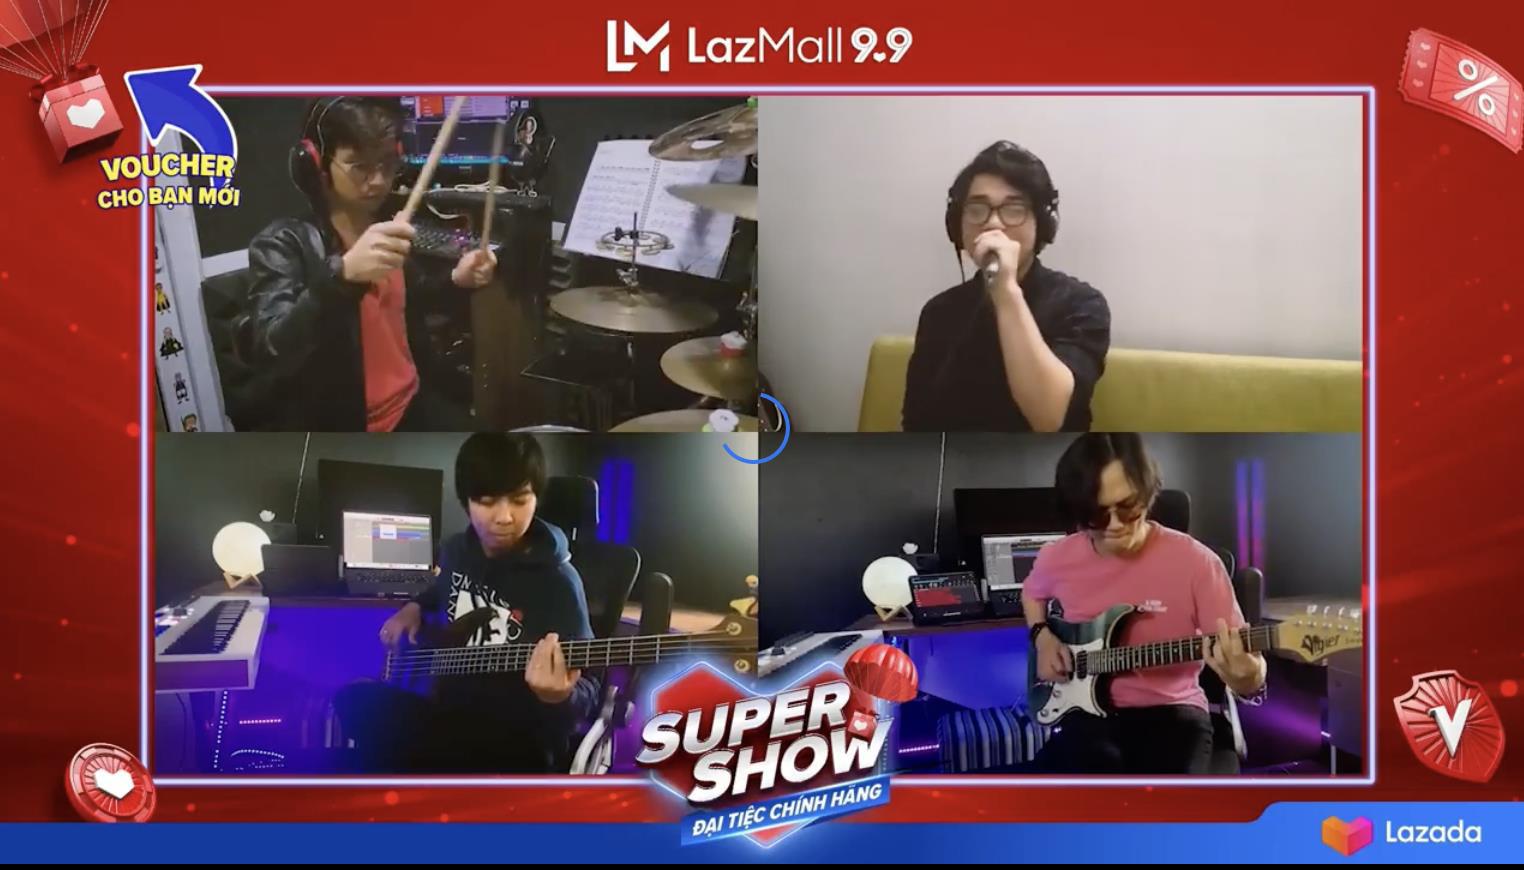 """Đêm qua, hàng loạt bí mật của bộ ba """"nam thần"""" Quang Hải, Quế Ngọc Hải và Văn Hậu được bật mí trên sóng livestream - Ảnh 4."""